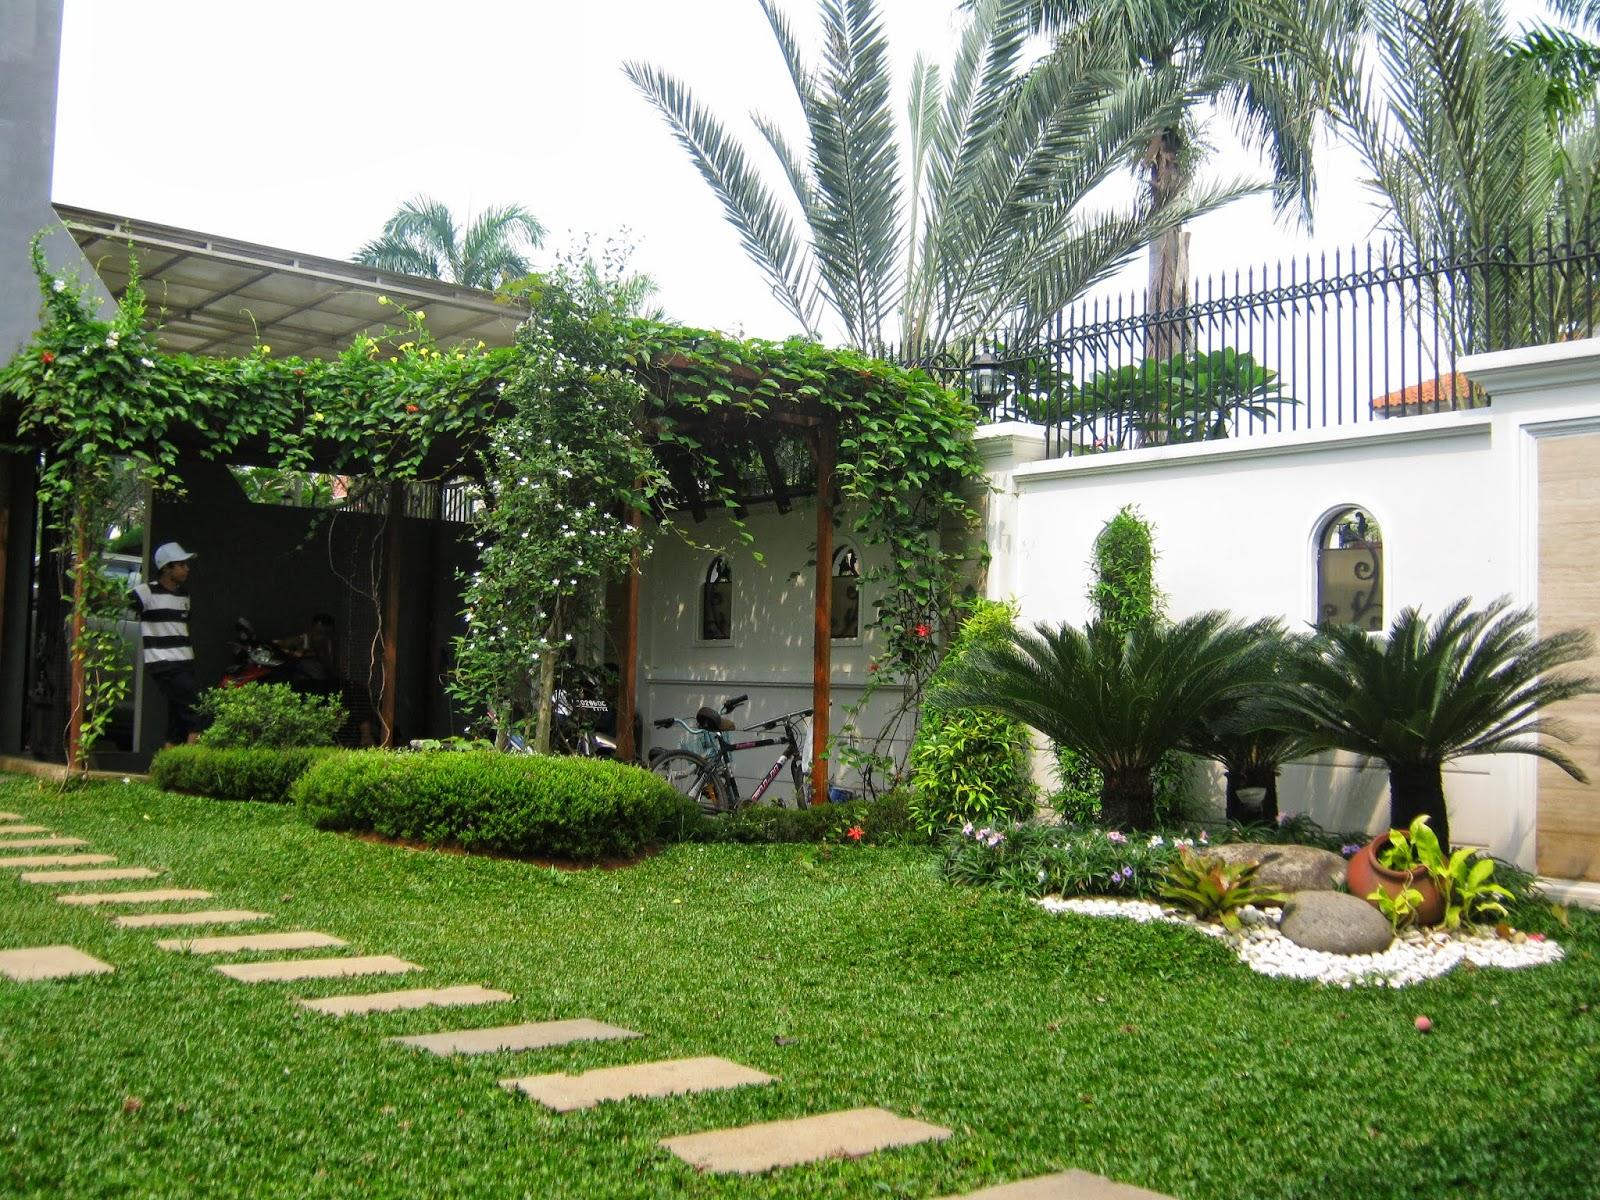 Rumah Minimalis Dengan Taman Luas